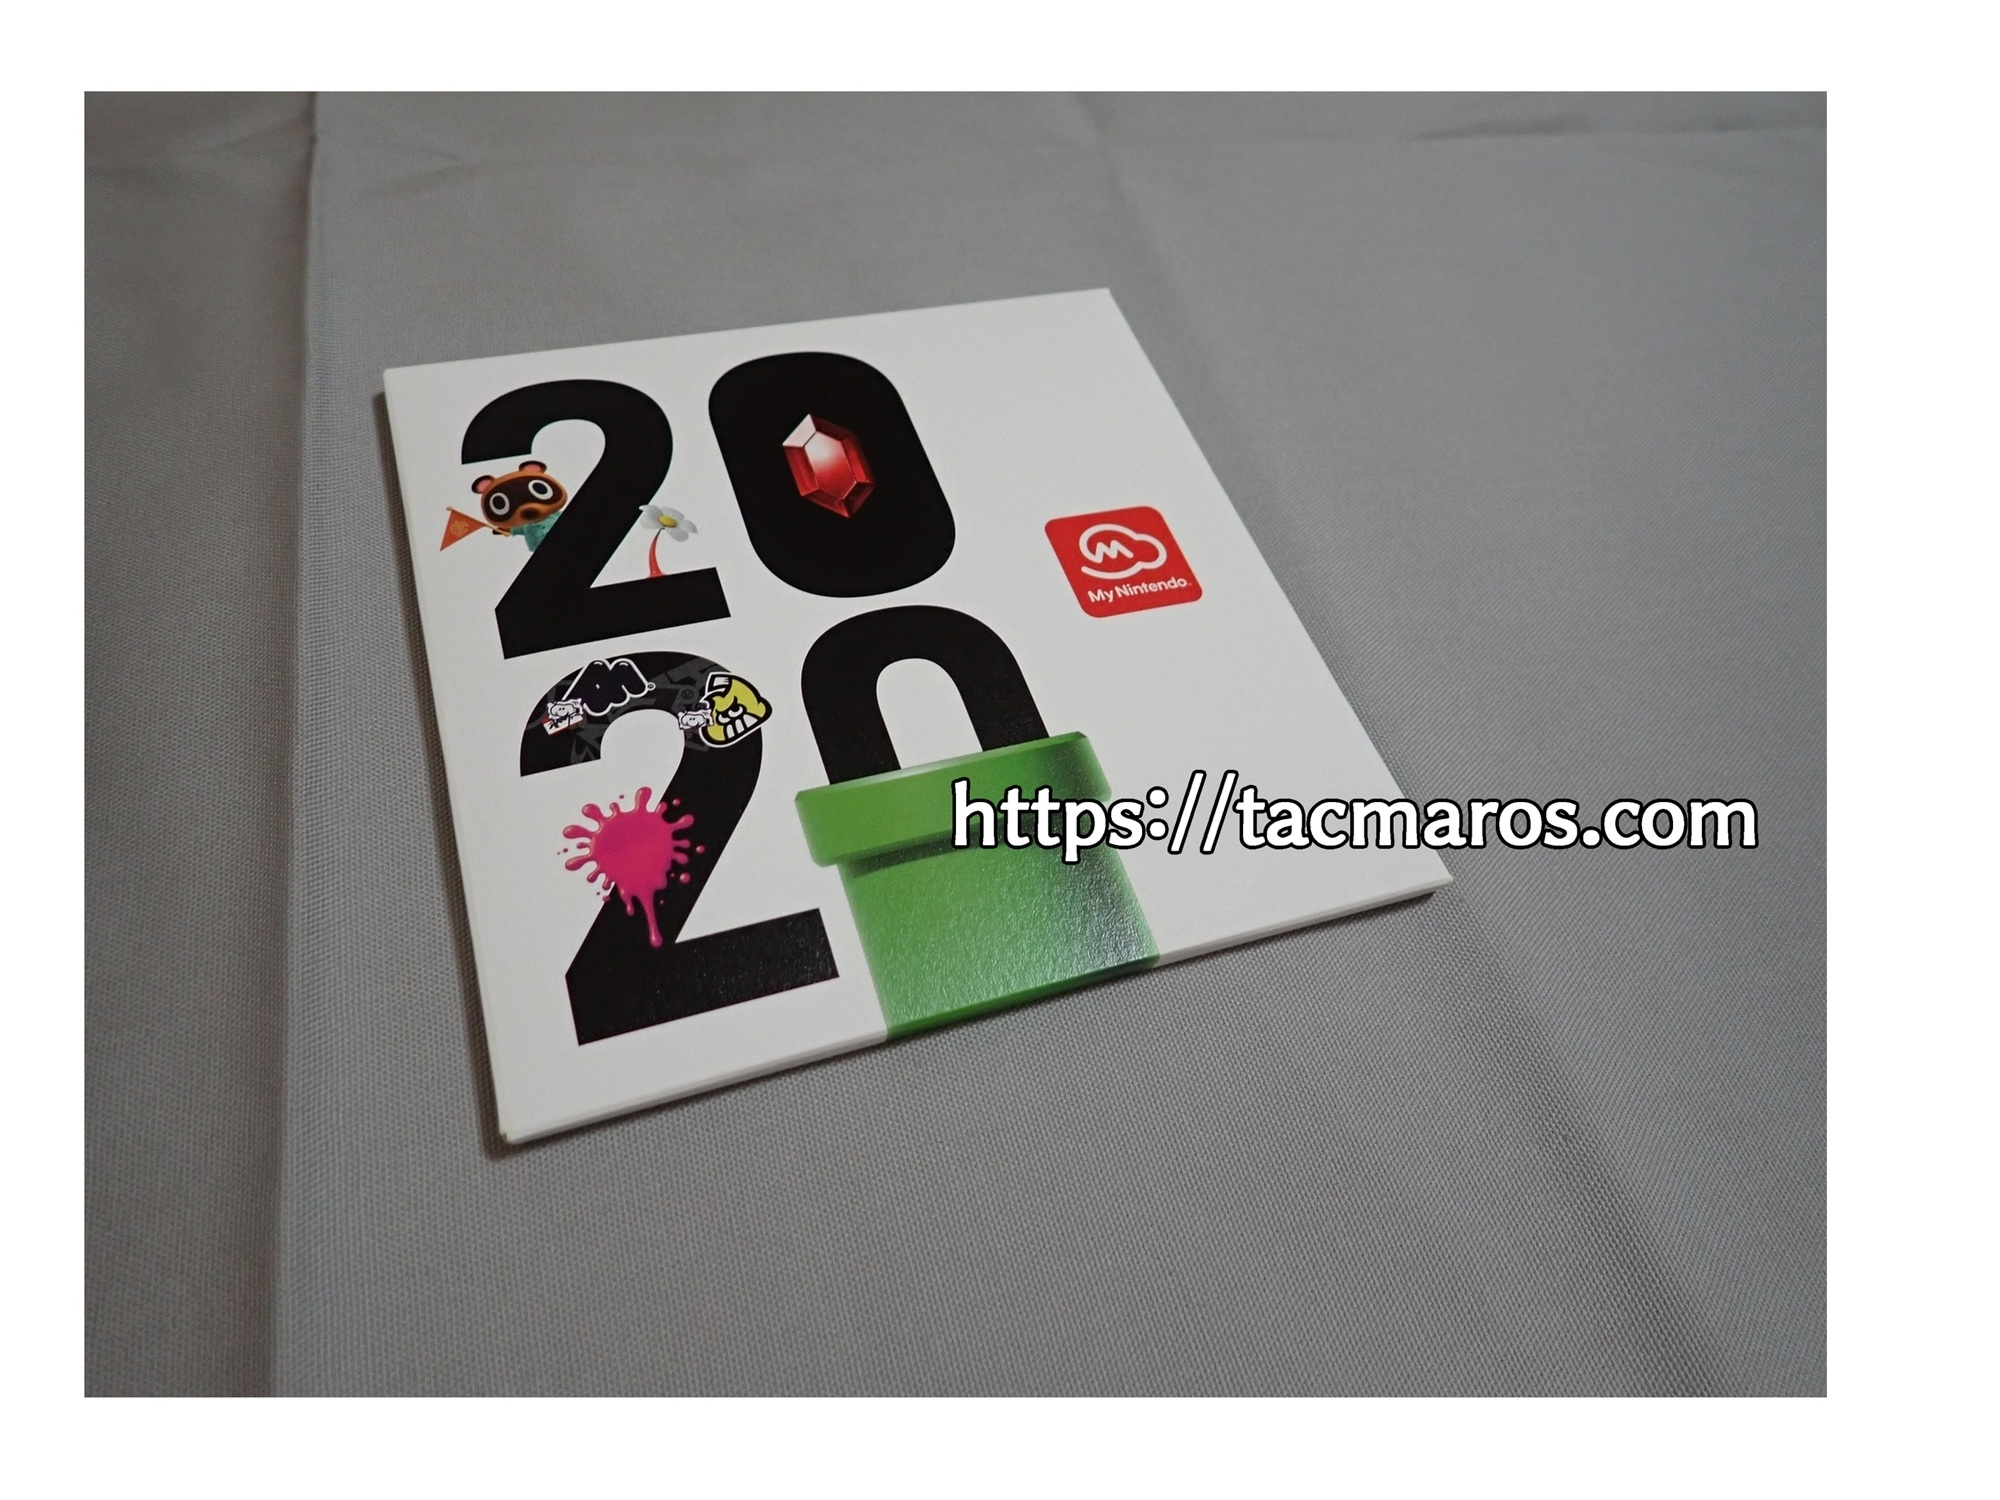 マイニンテンドープラチナポイント交換グッズ マイニンテンドーオリジナルカレンダー2020 パッケージ